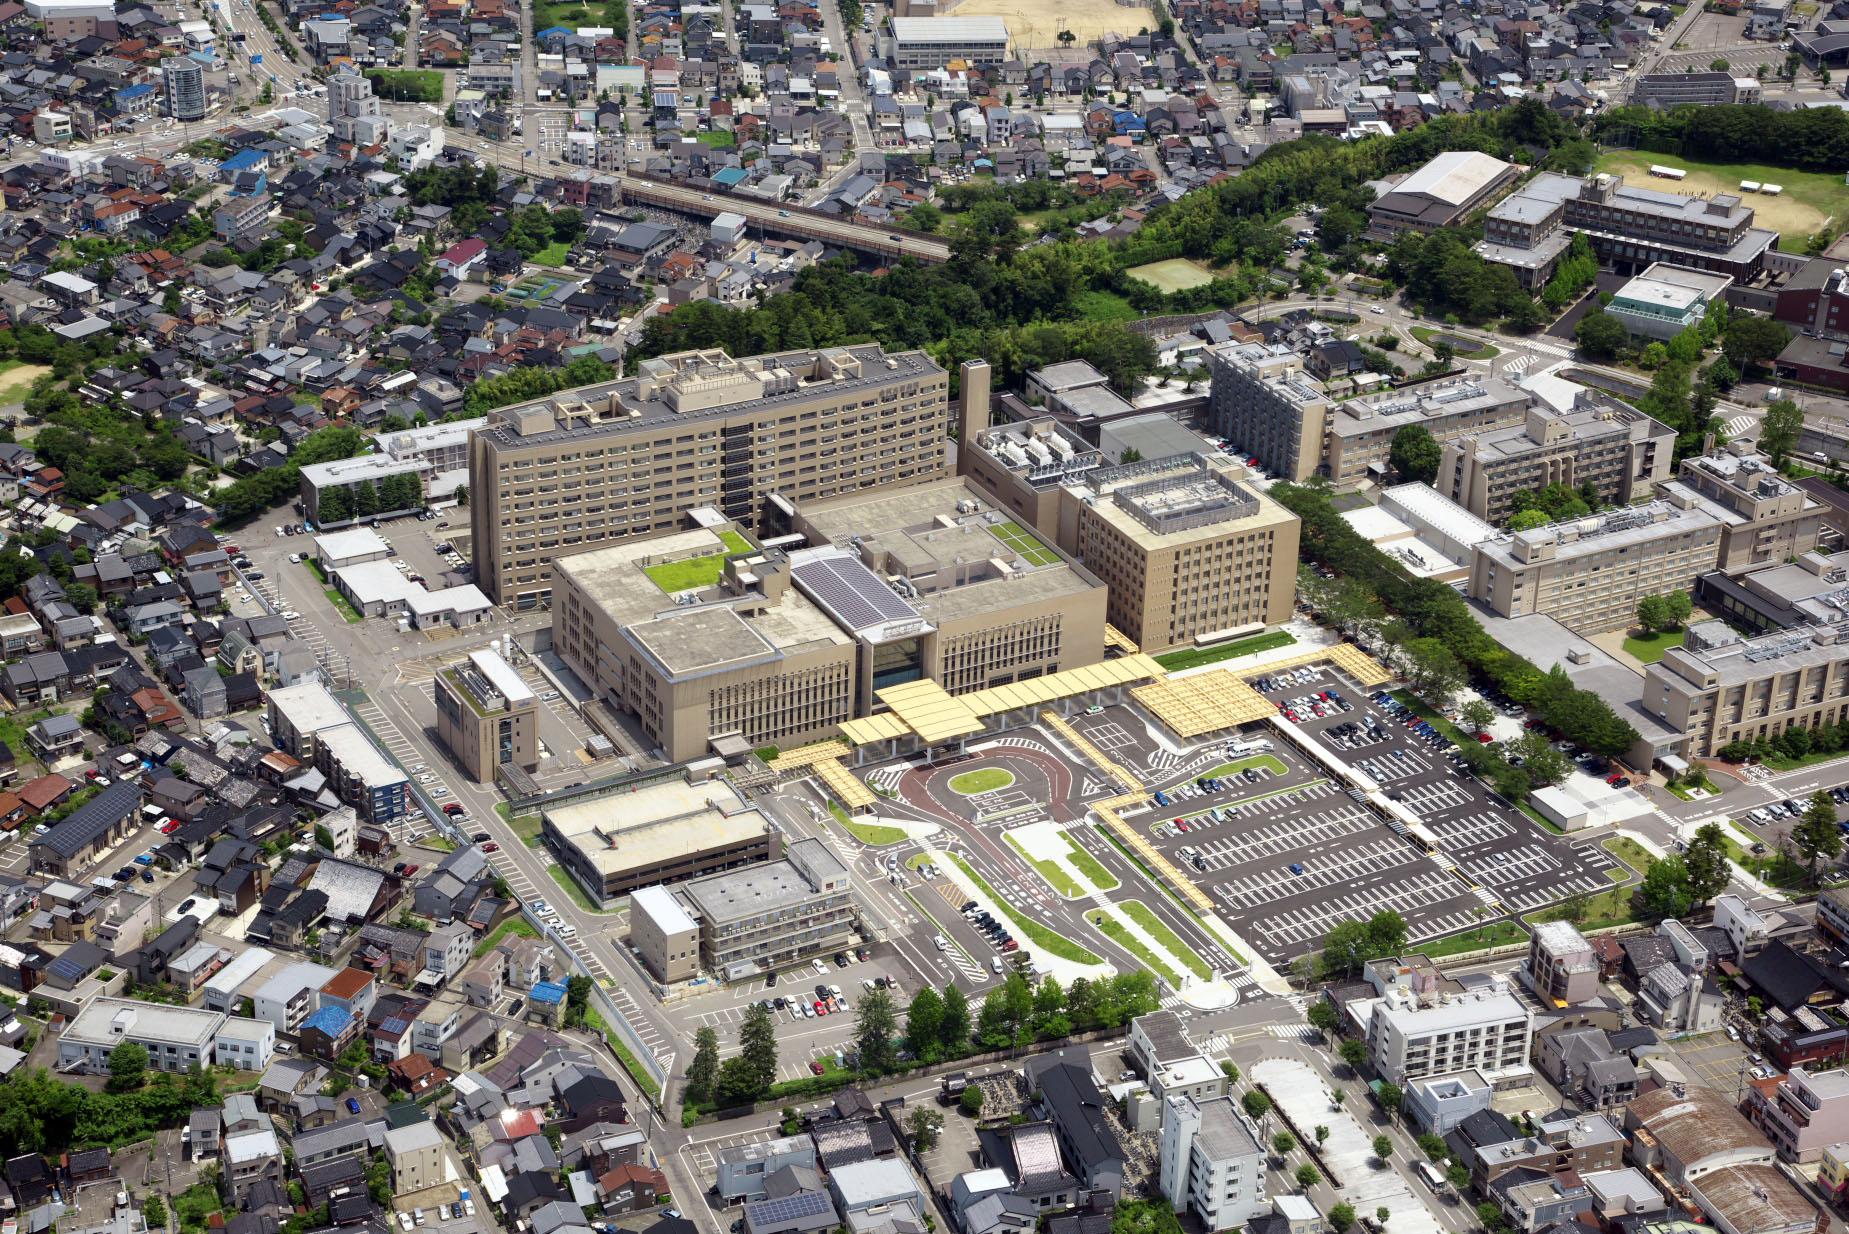 金沢 大学 附属 病院 附属病院に関すること(病院部) 金沢大学